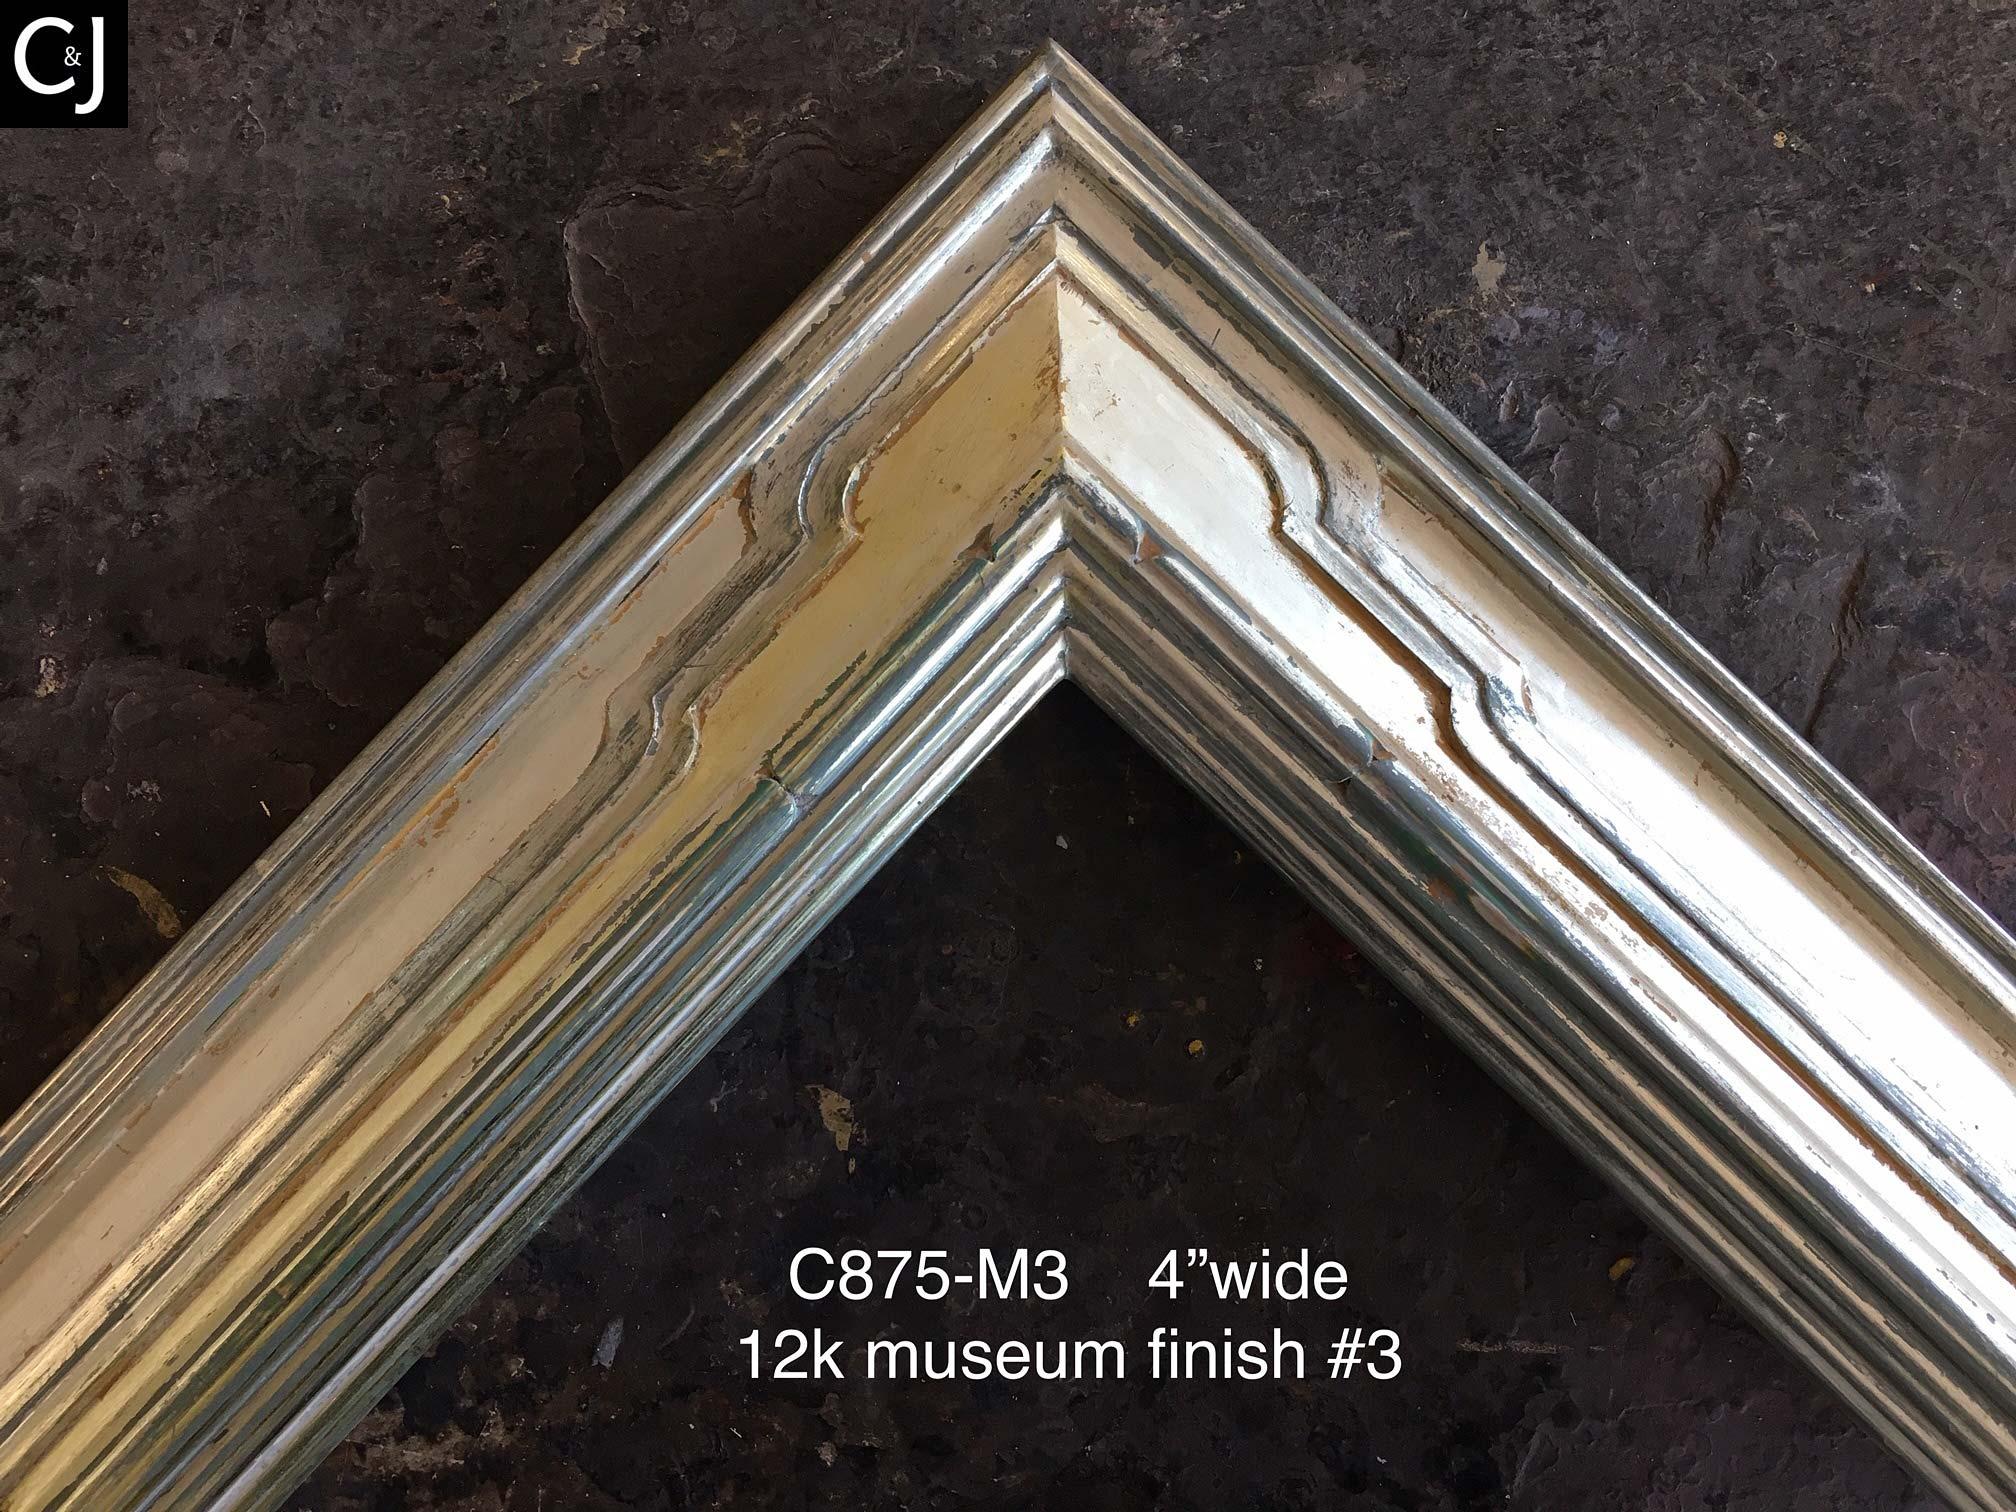 C875-M3